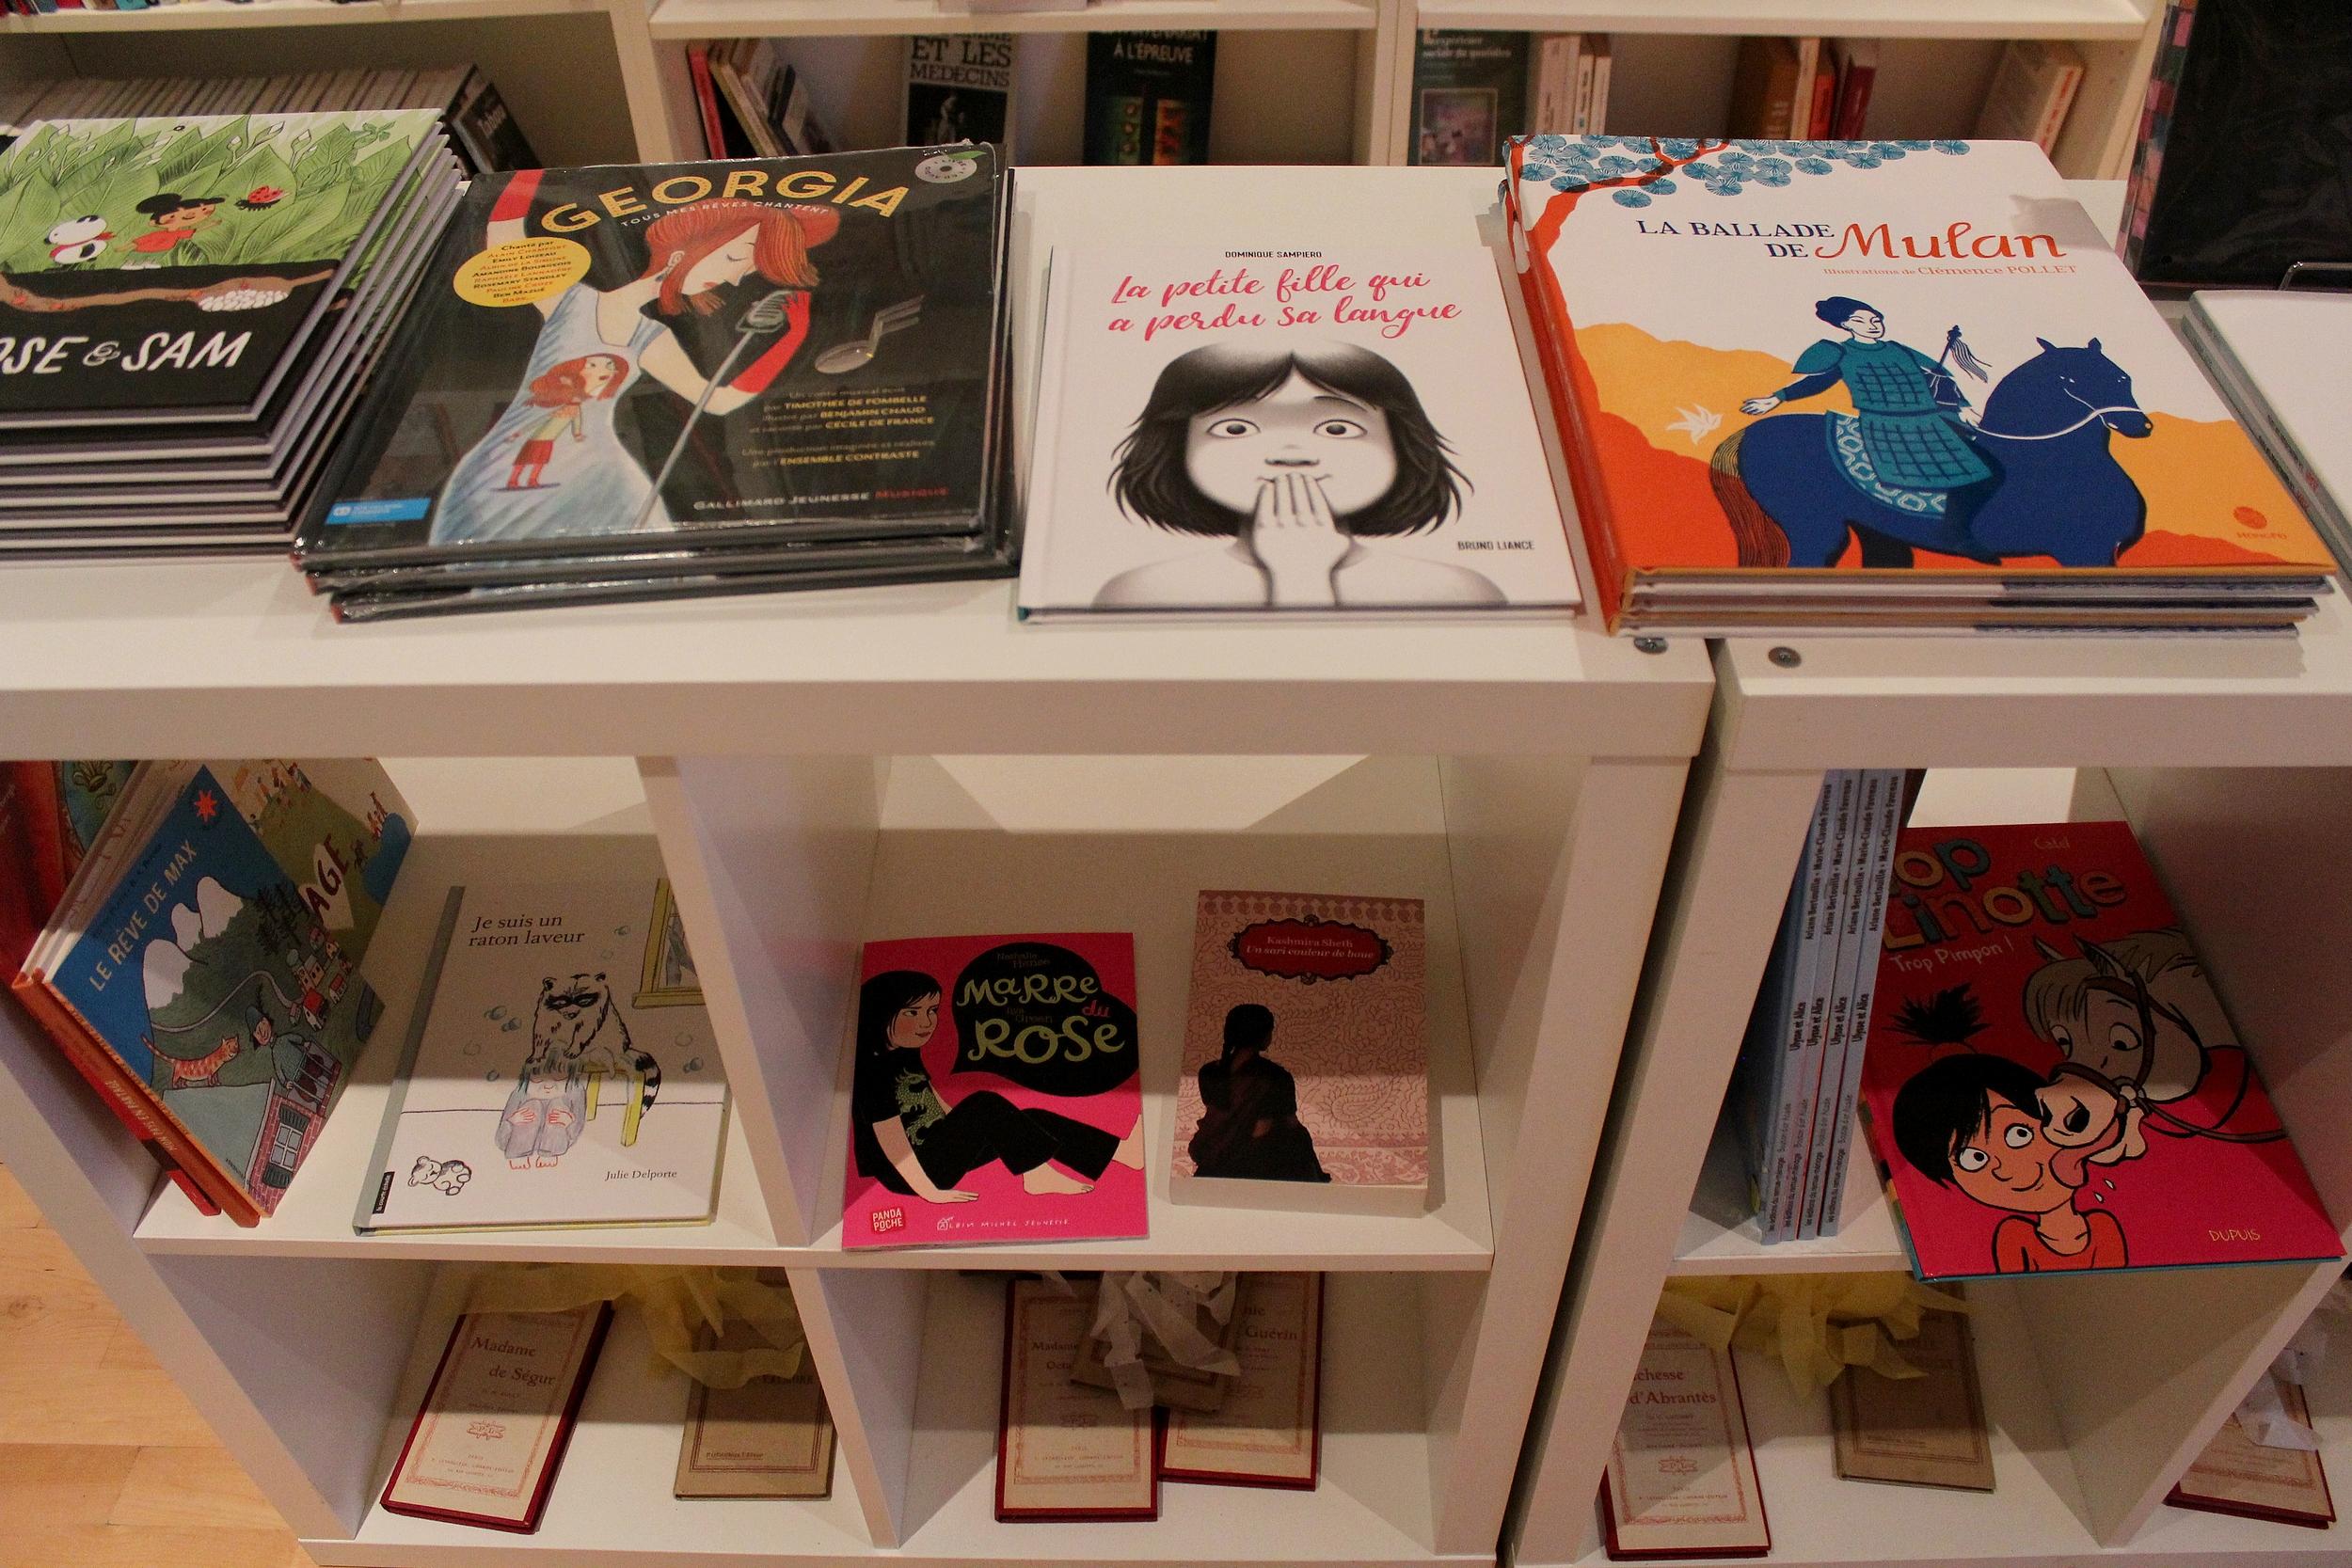 Un espace dédié aux livres pour enfants permet de déconstruire les stéréotypes. ©AL